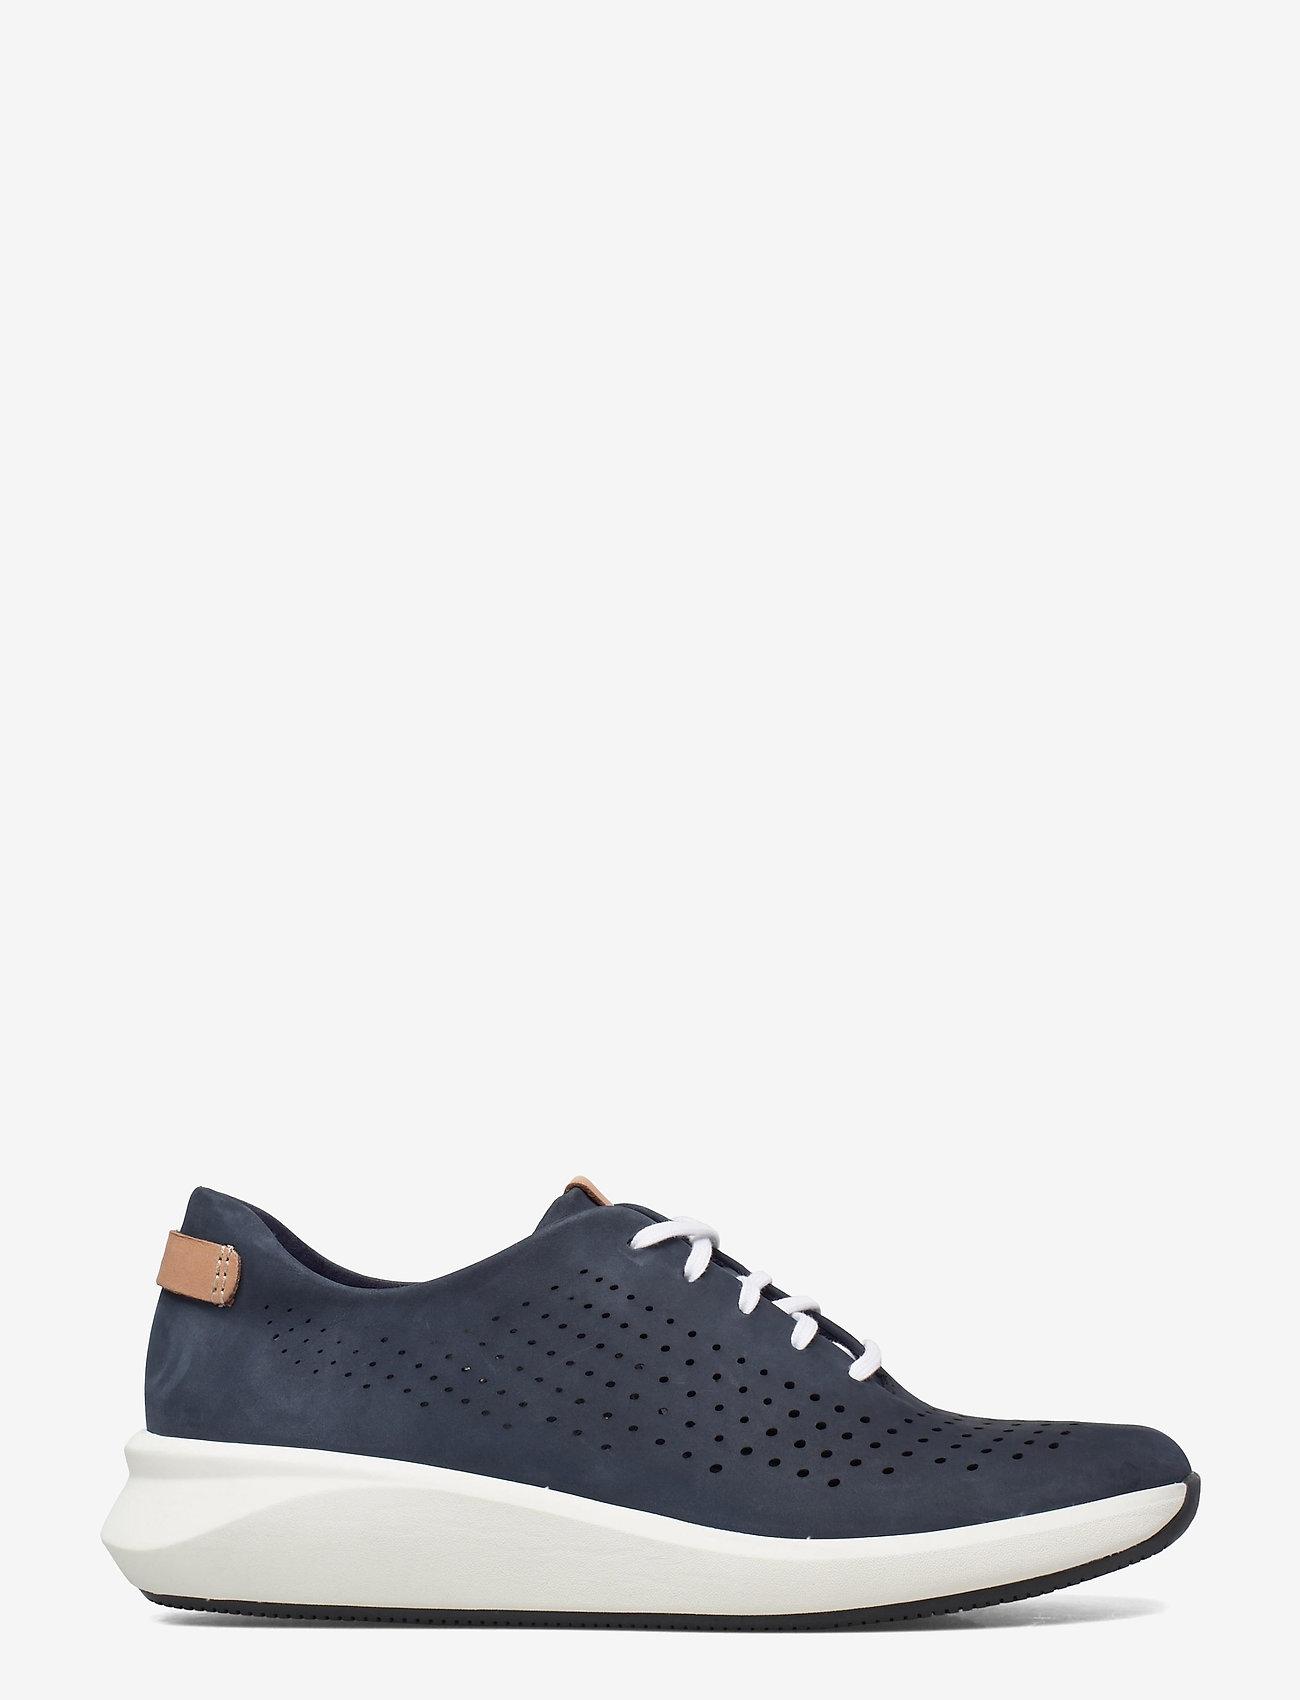 Clarks - Un Rio Tie - låga sneakers - navy nubuck - 1